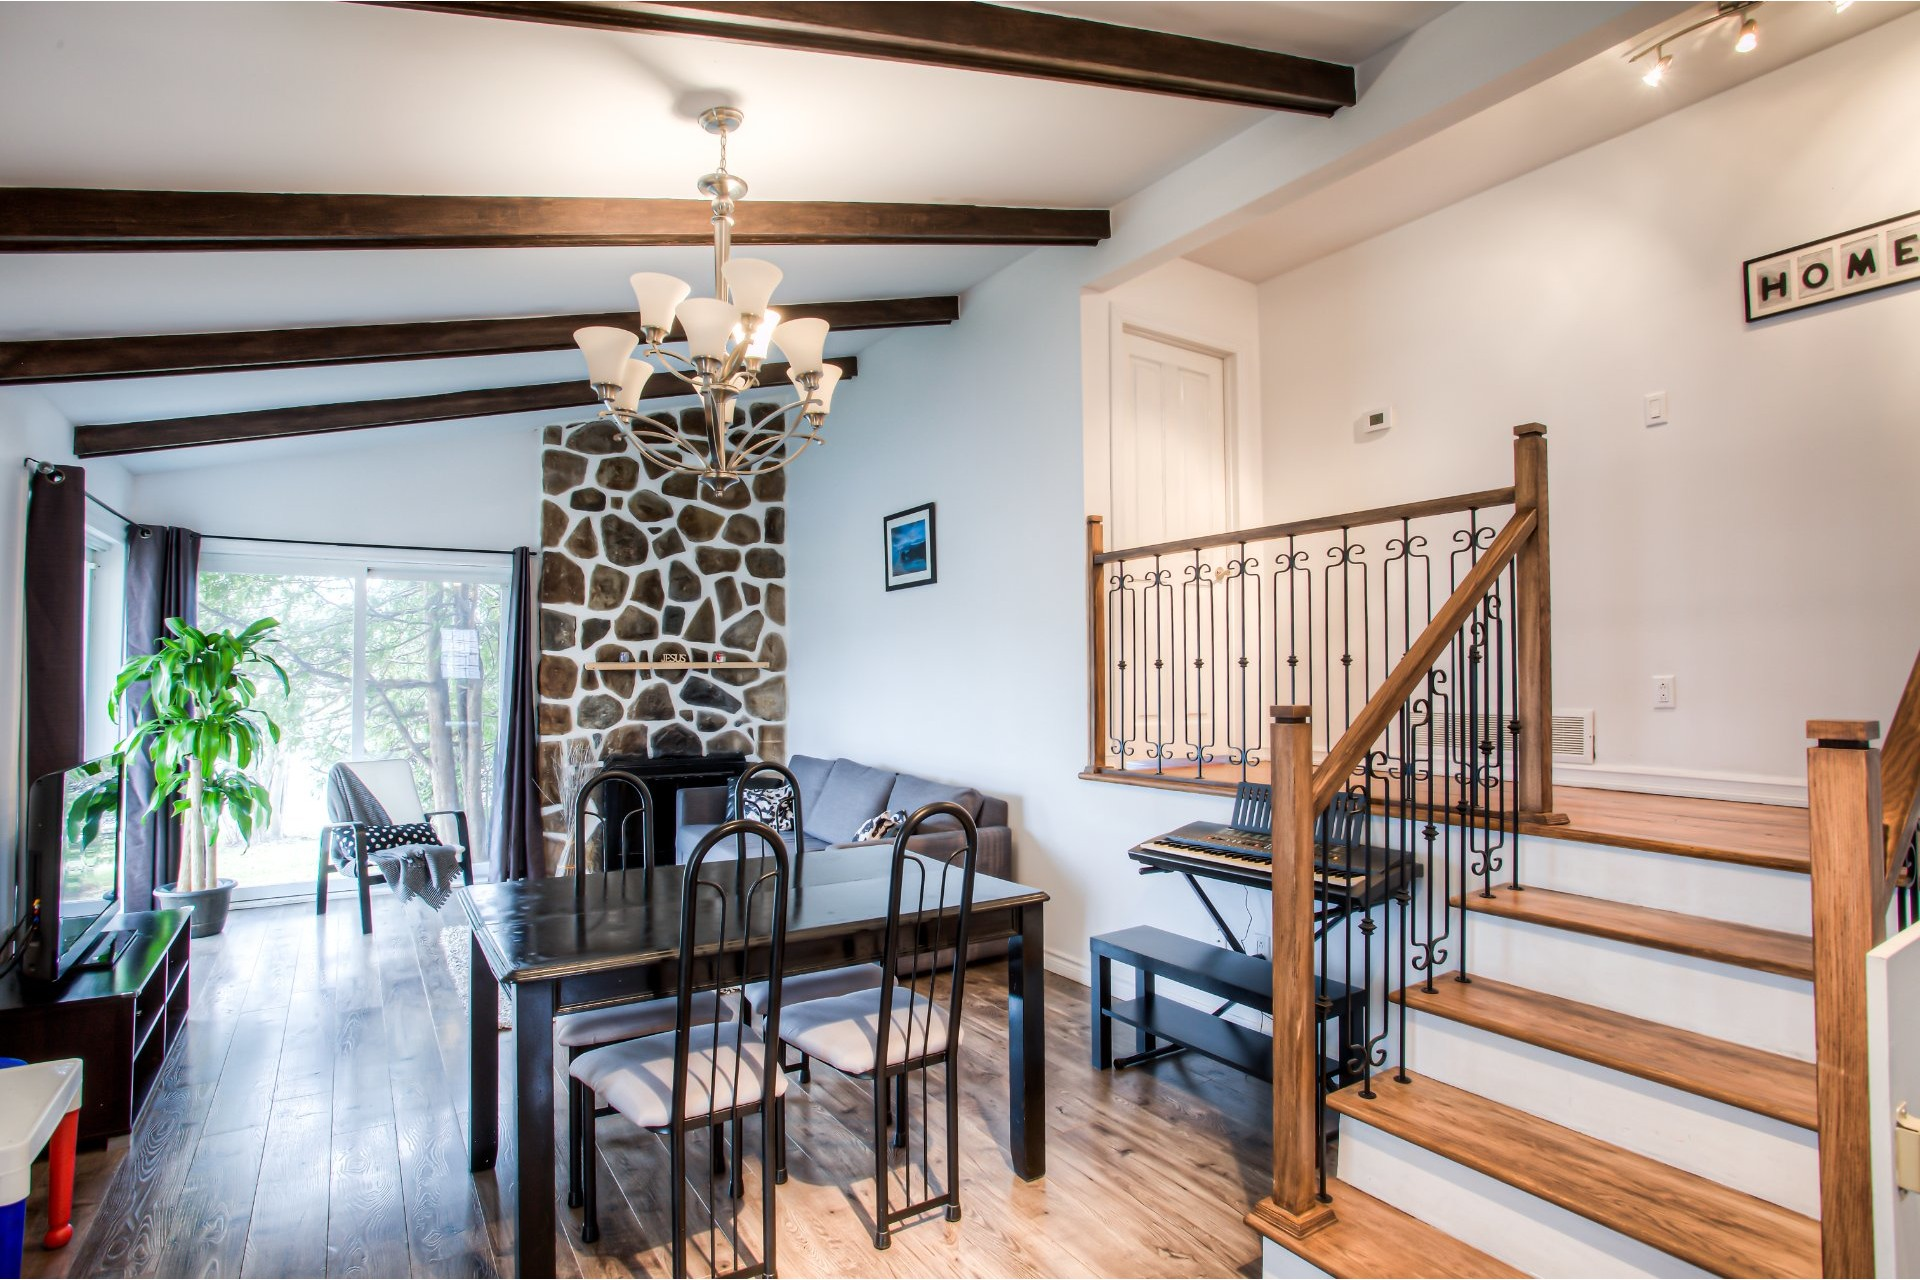 image 6 - MX - Casa sola - MX En venta Châteauguay - 9 habitaciones